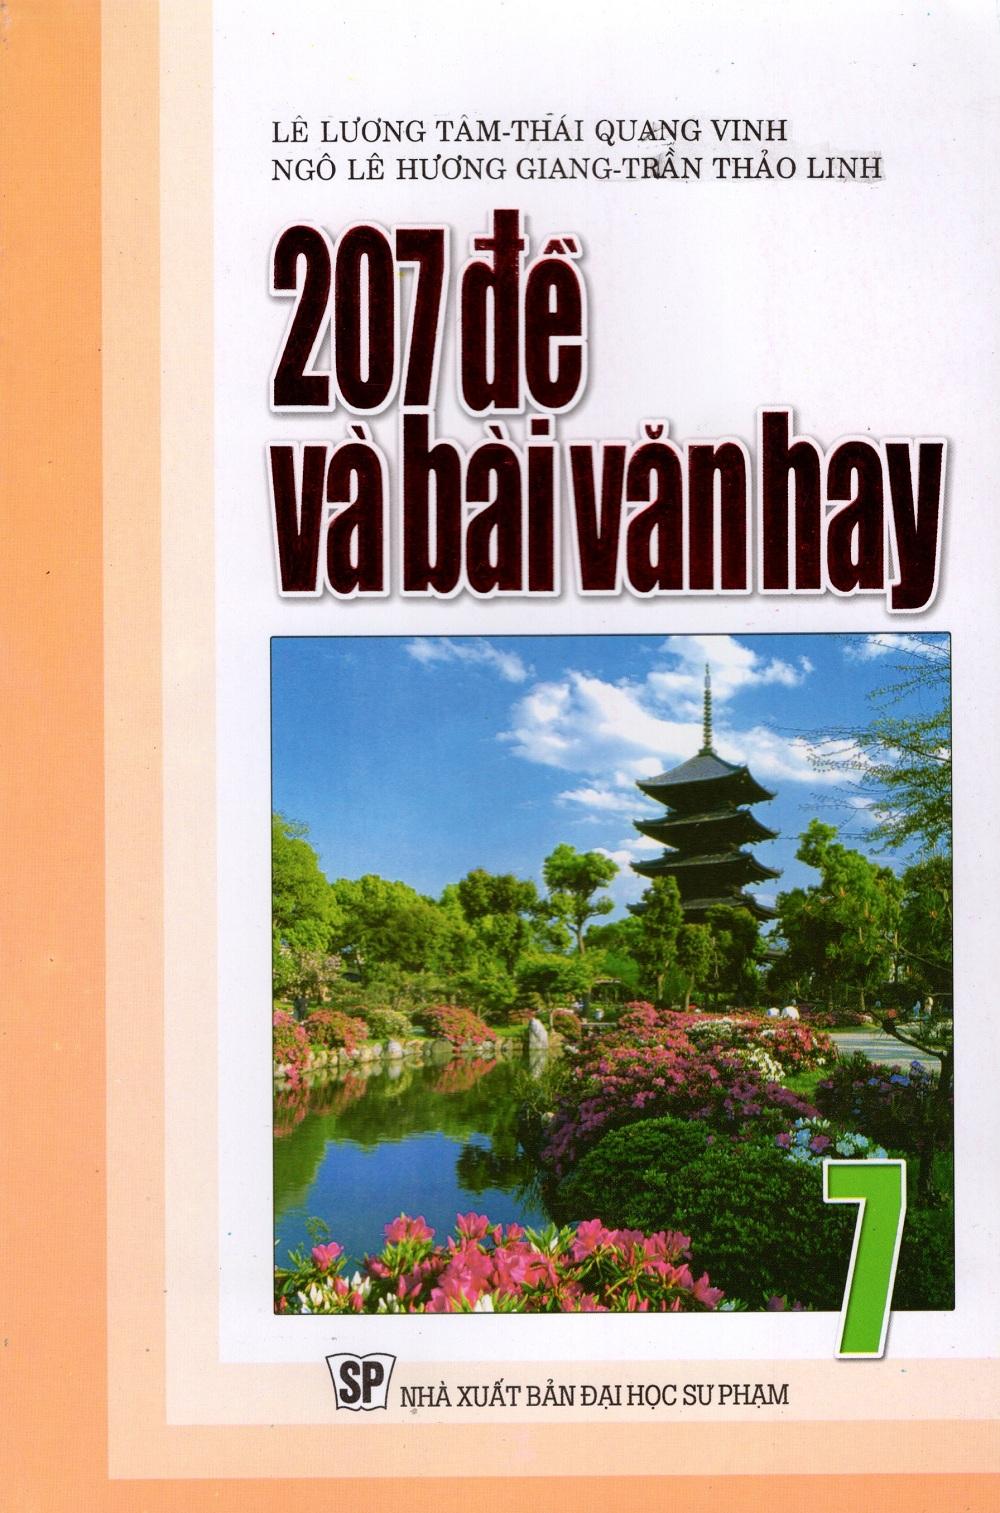 207 Đề Và Bài Văn Hay Lớp 7